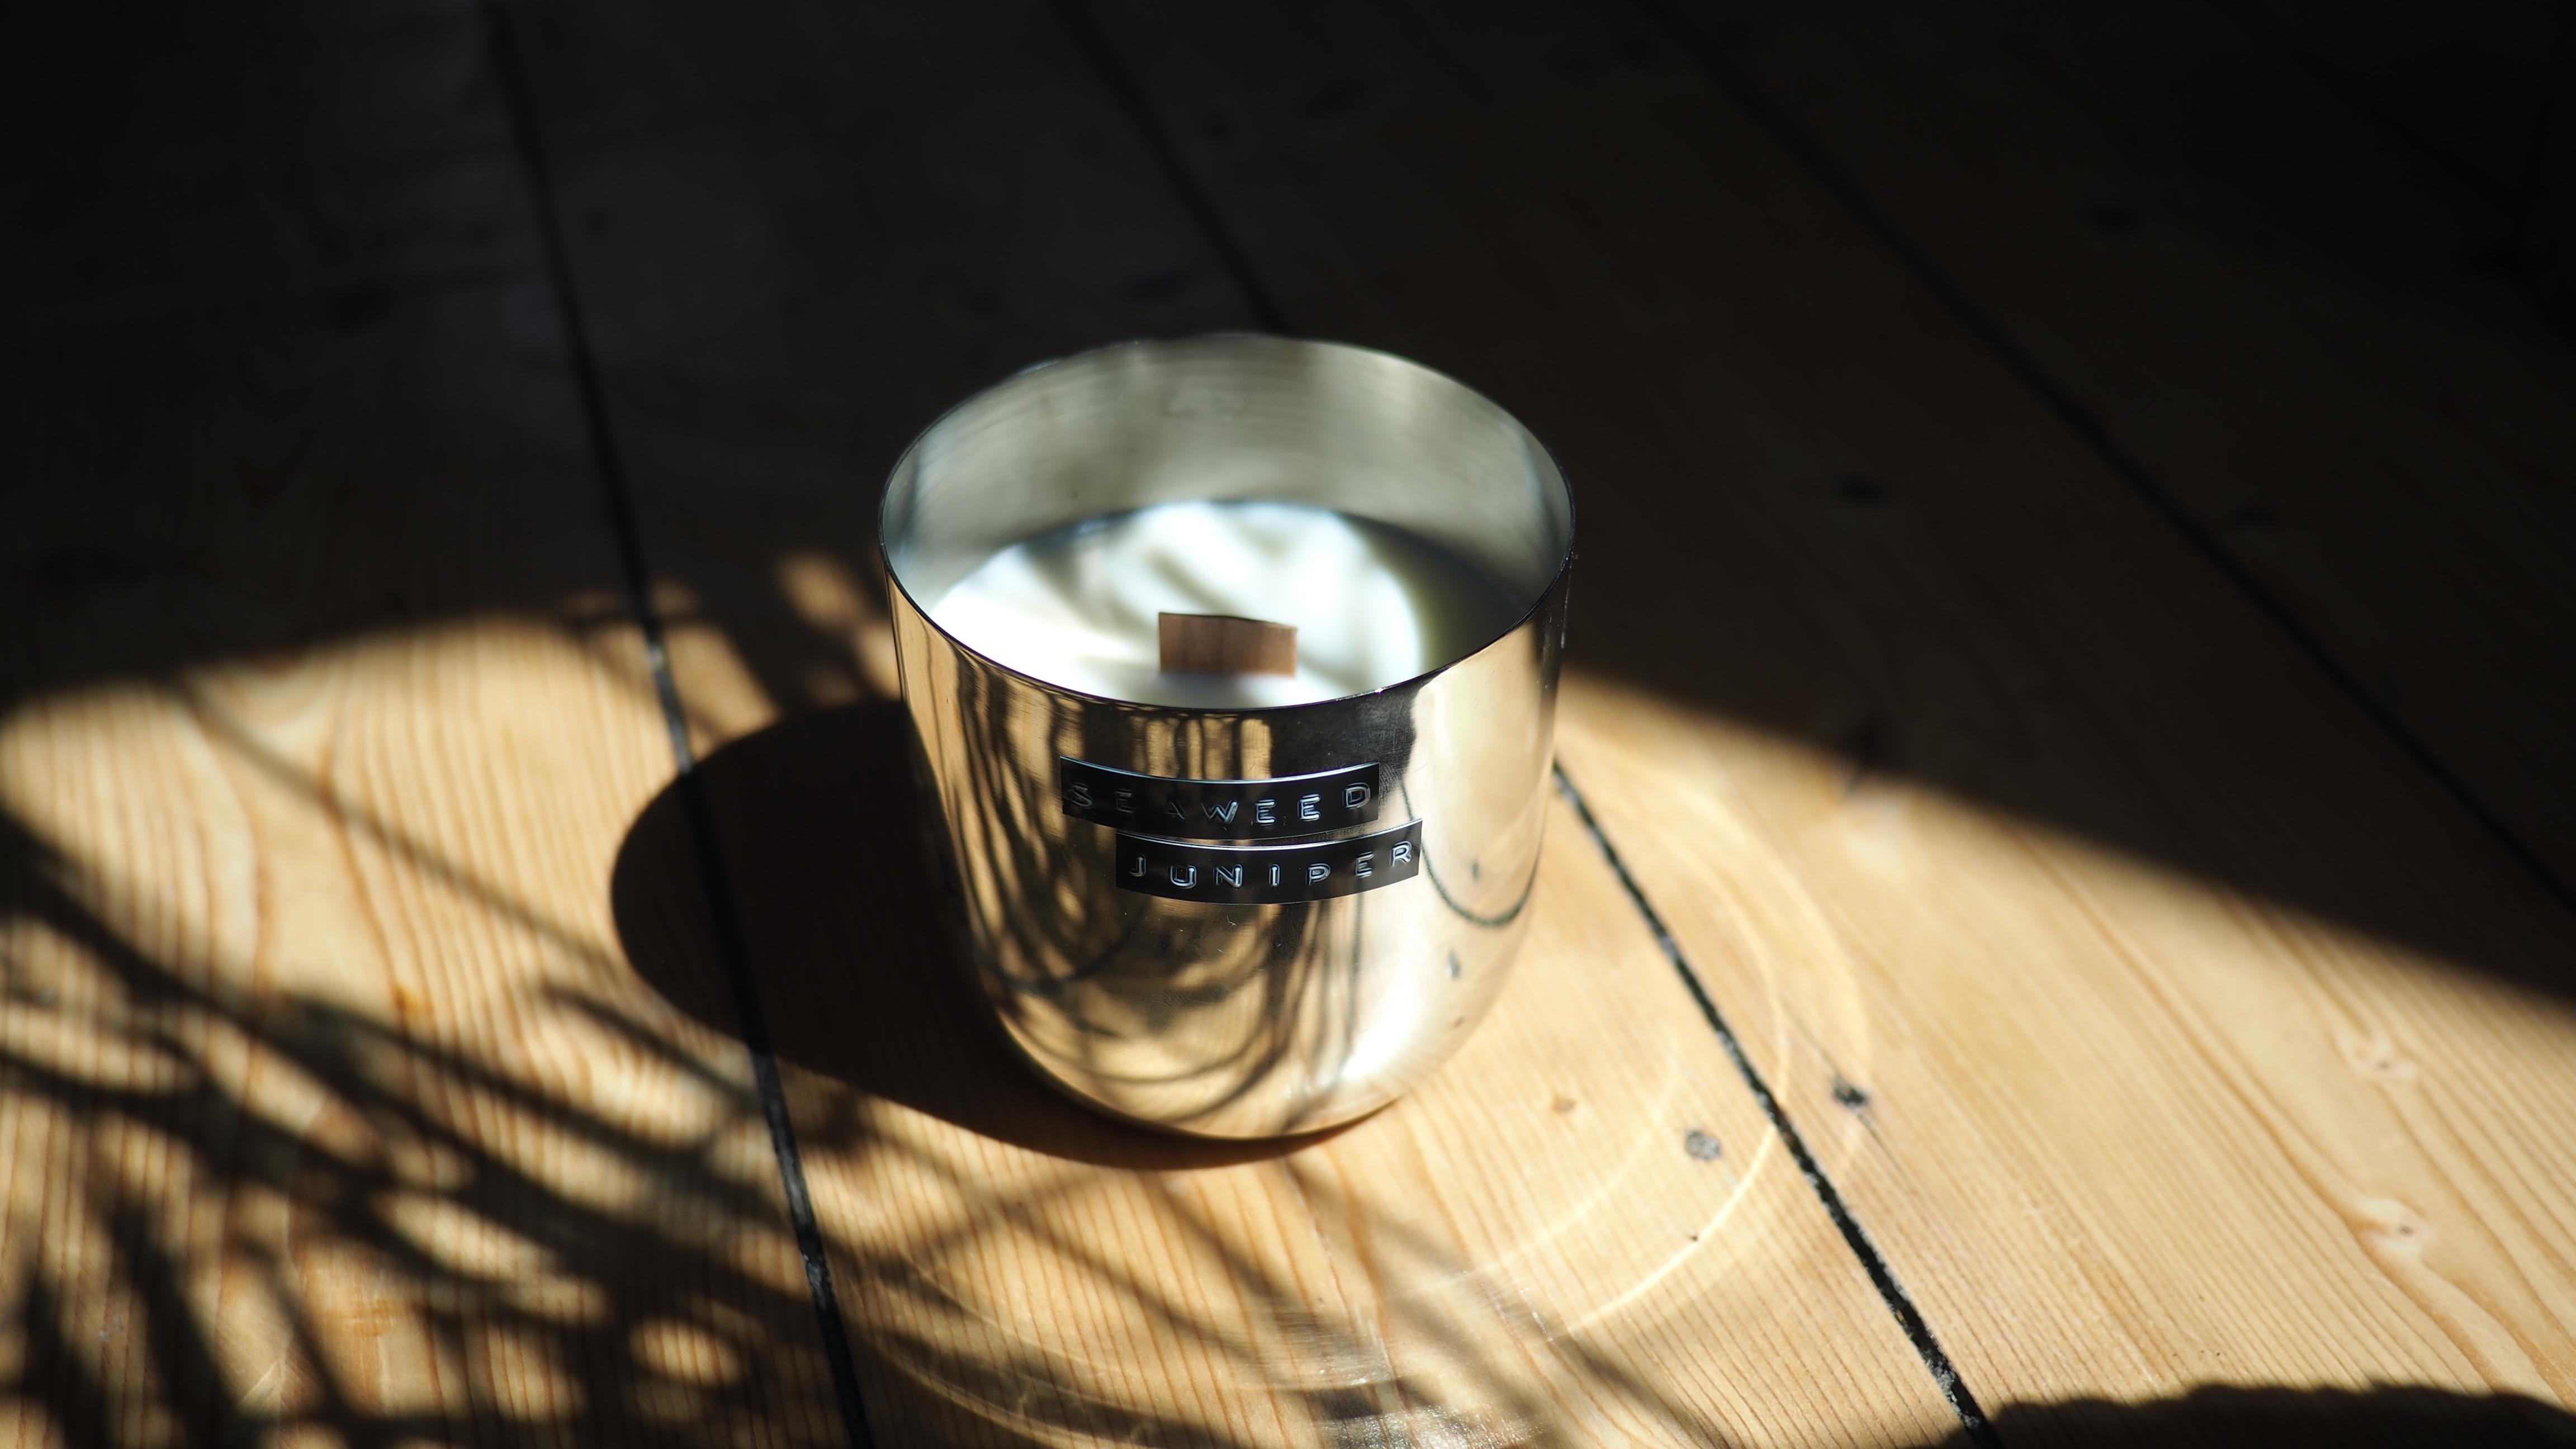 Seaweed Juniper Original Silver Candle.